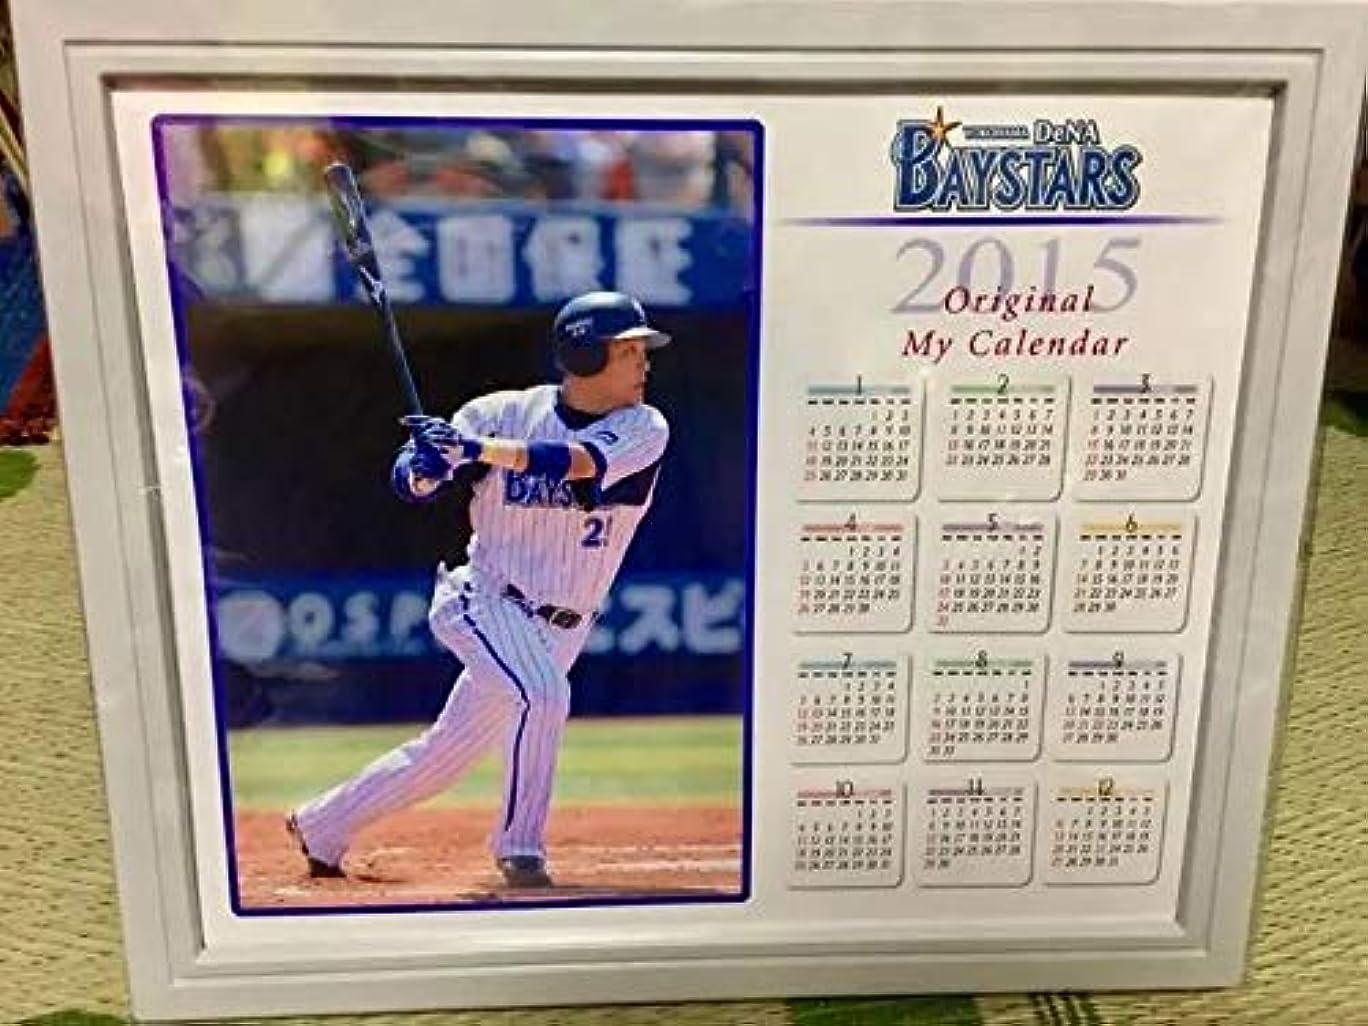 汚すながらワット横浜DeNAベイスターズ筒香嘉智選手2015カレンダー